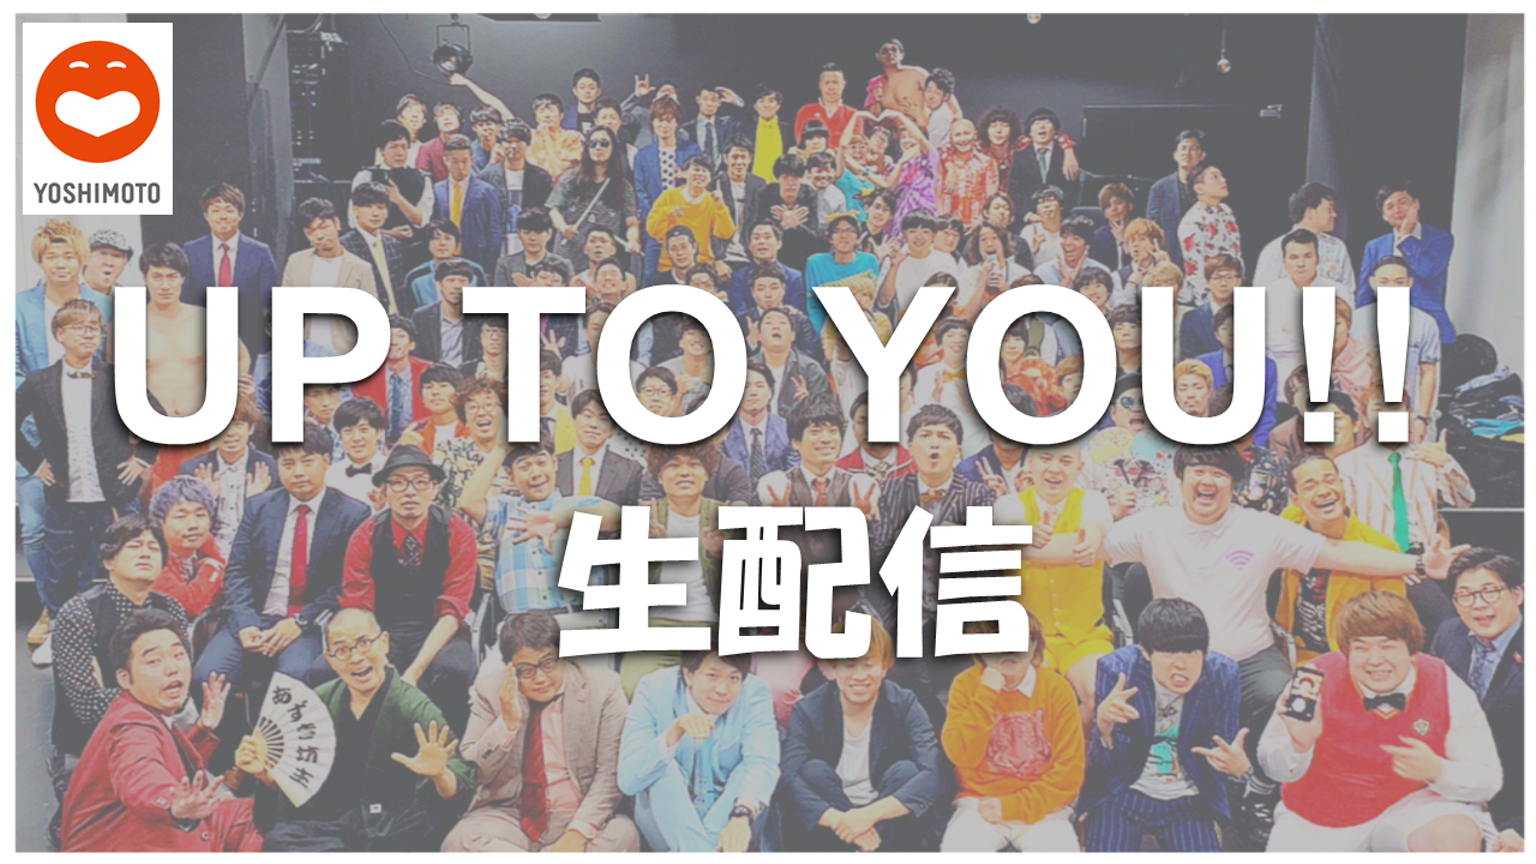 【吉本公式】UP TO YOU!!